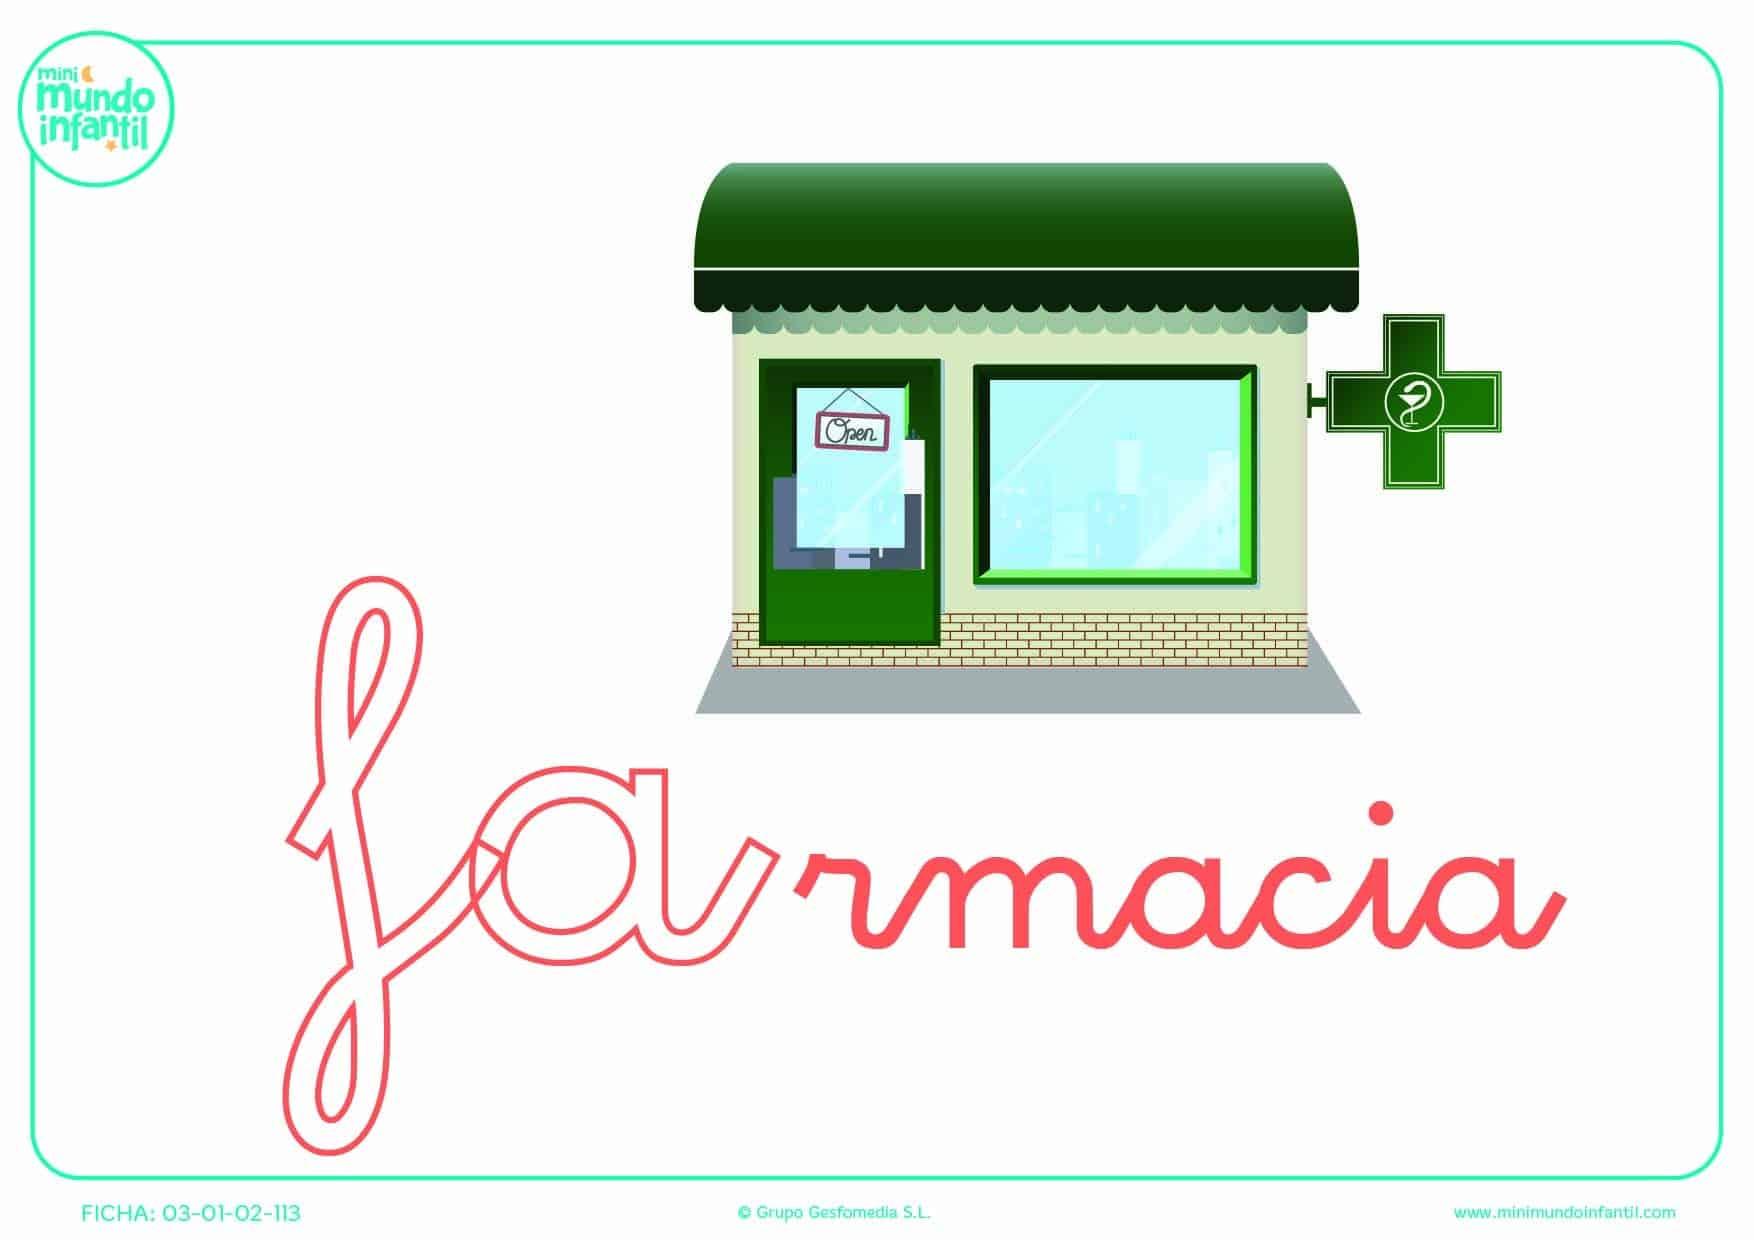 Completar la sílaba FA de farmacia en minúsculas